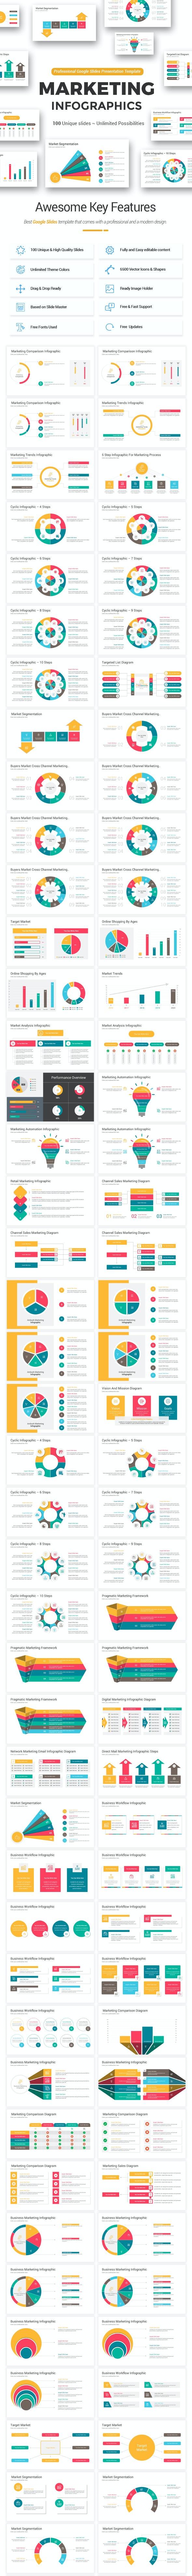 Marketing Google Slides Infographics Pack - Google Slides Presentation Templates